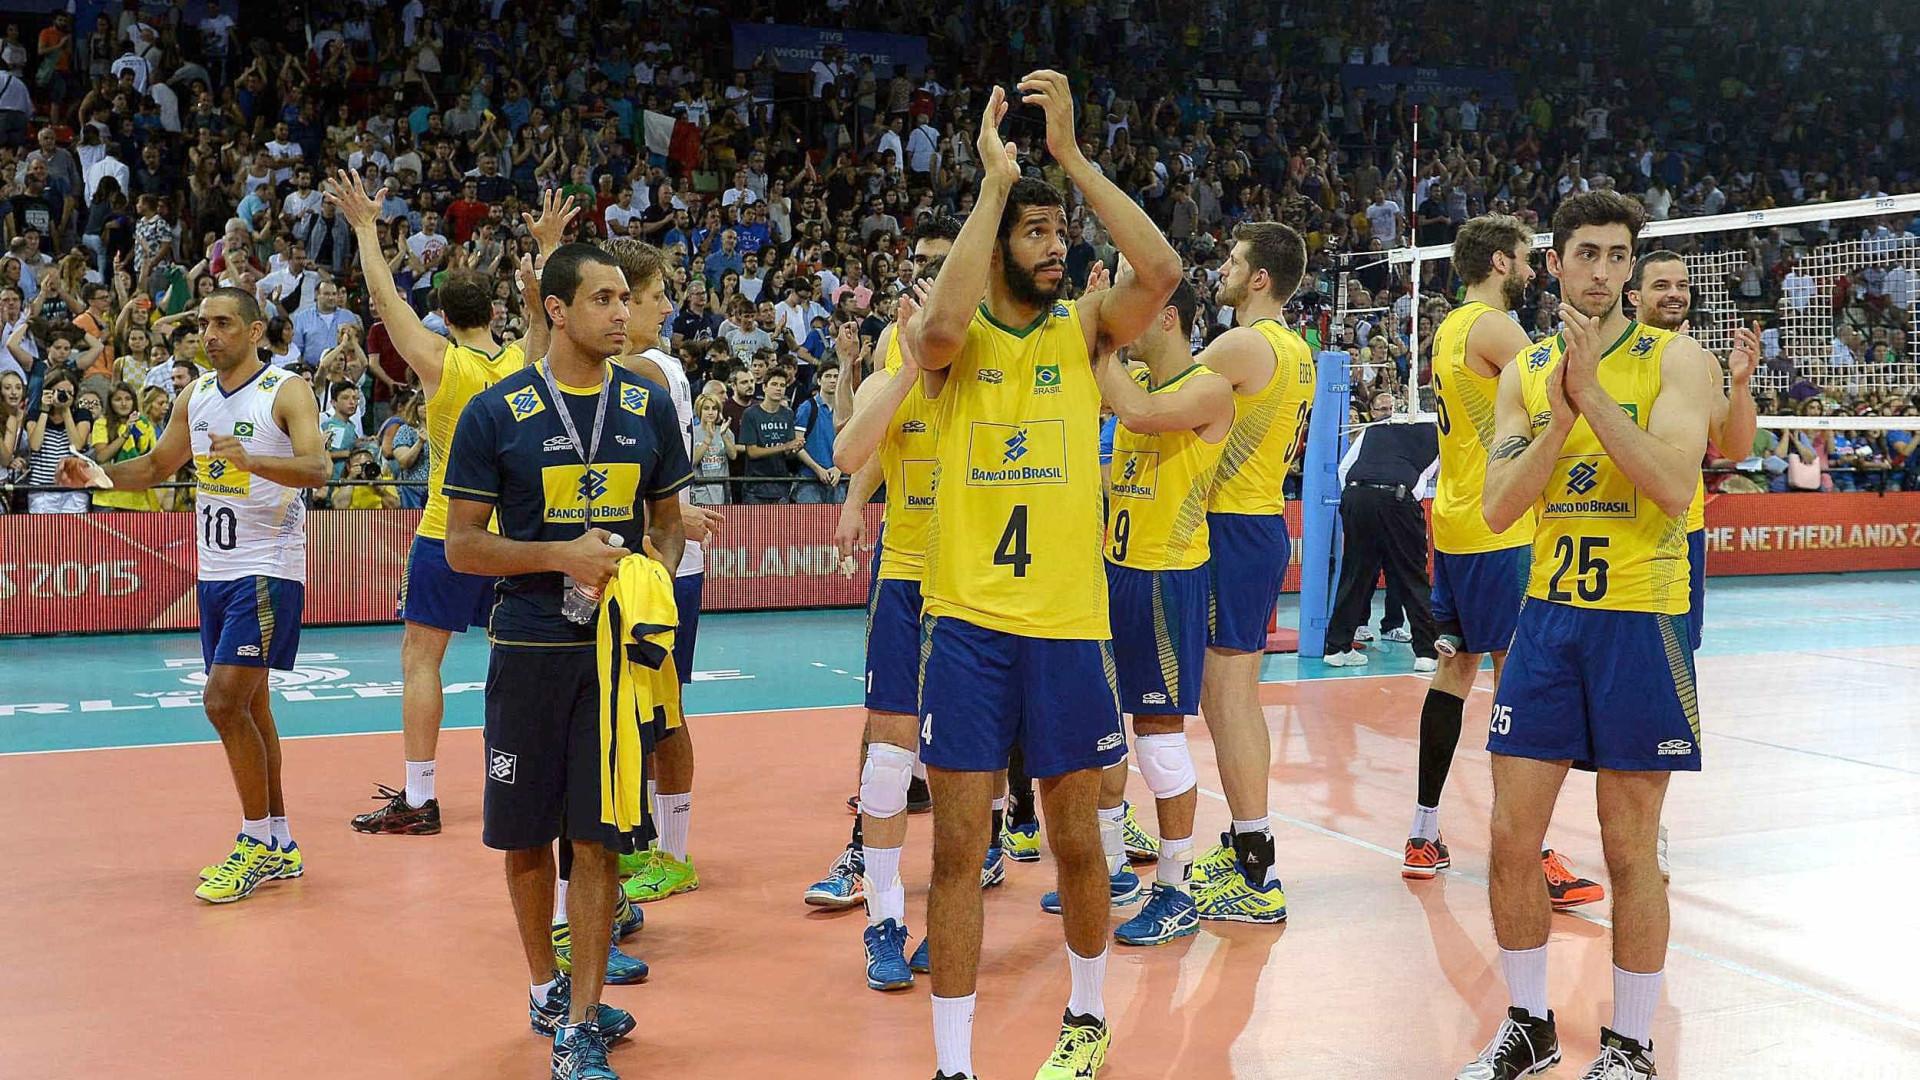 Em amistoso de vôlei na França, Brasil bate donos da casa por 3 a 2